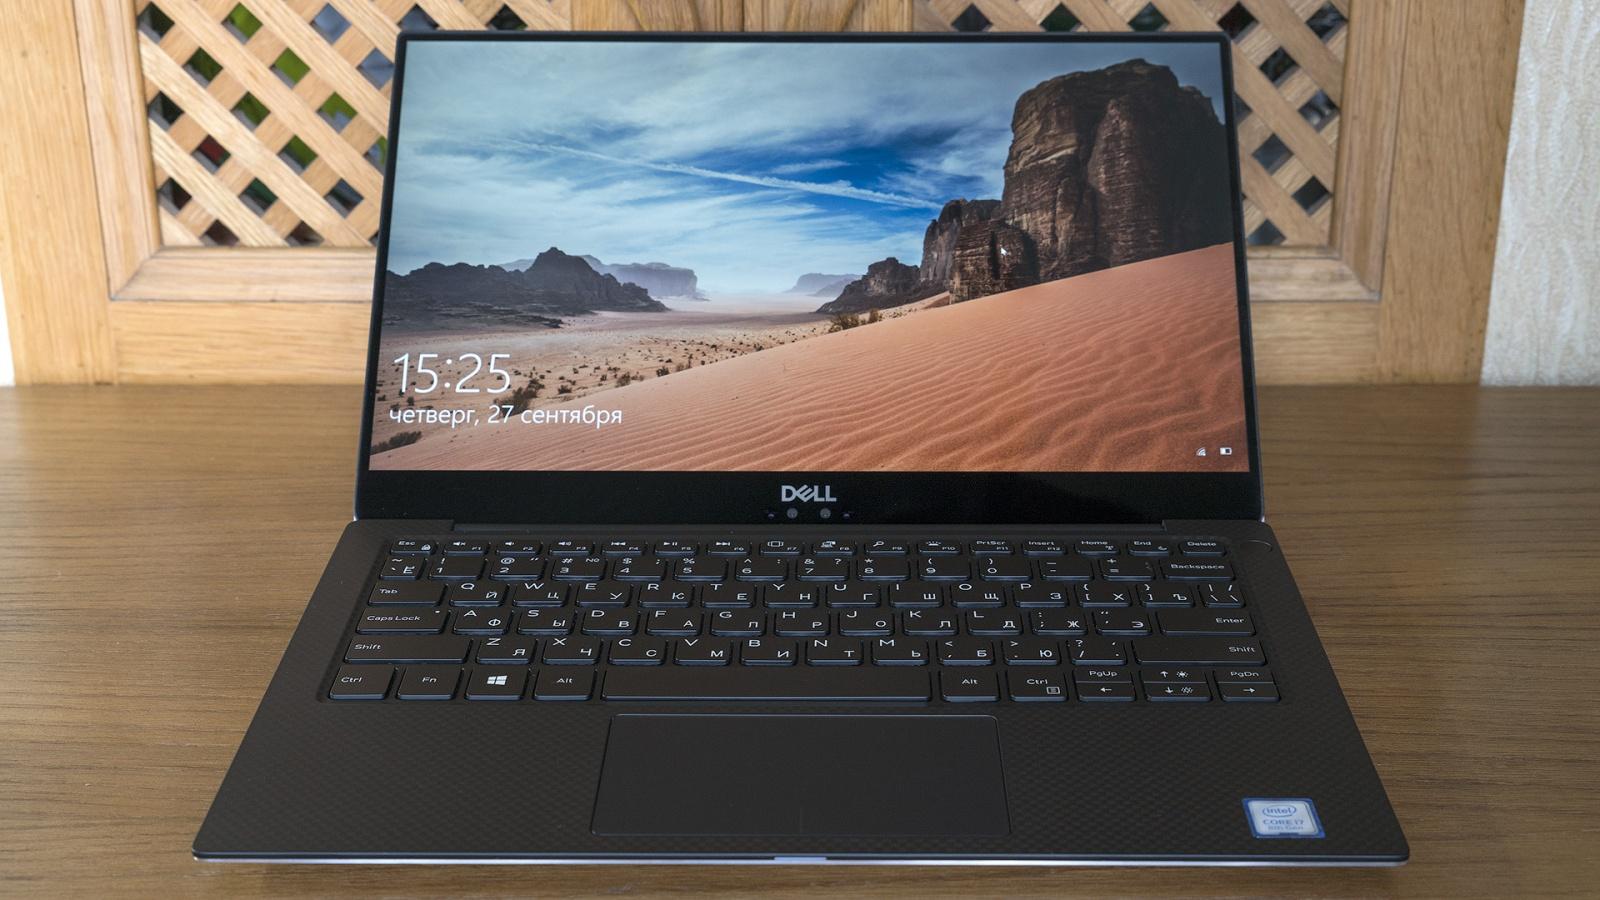 Обзор ноутбука Dell XPS 13 9370: лёгкий, красивый, быстрый - 13